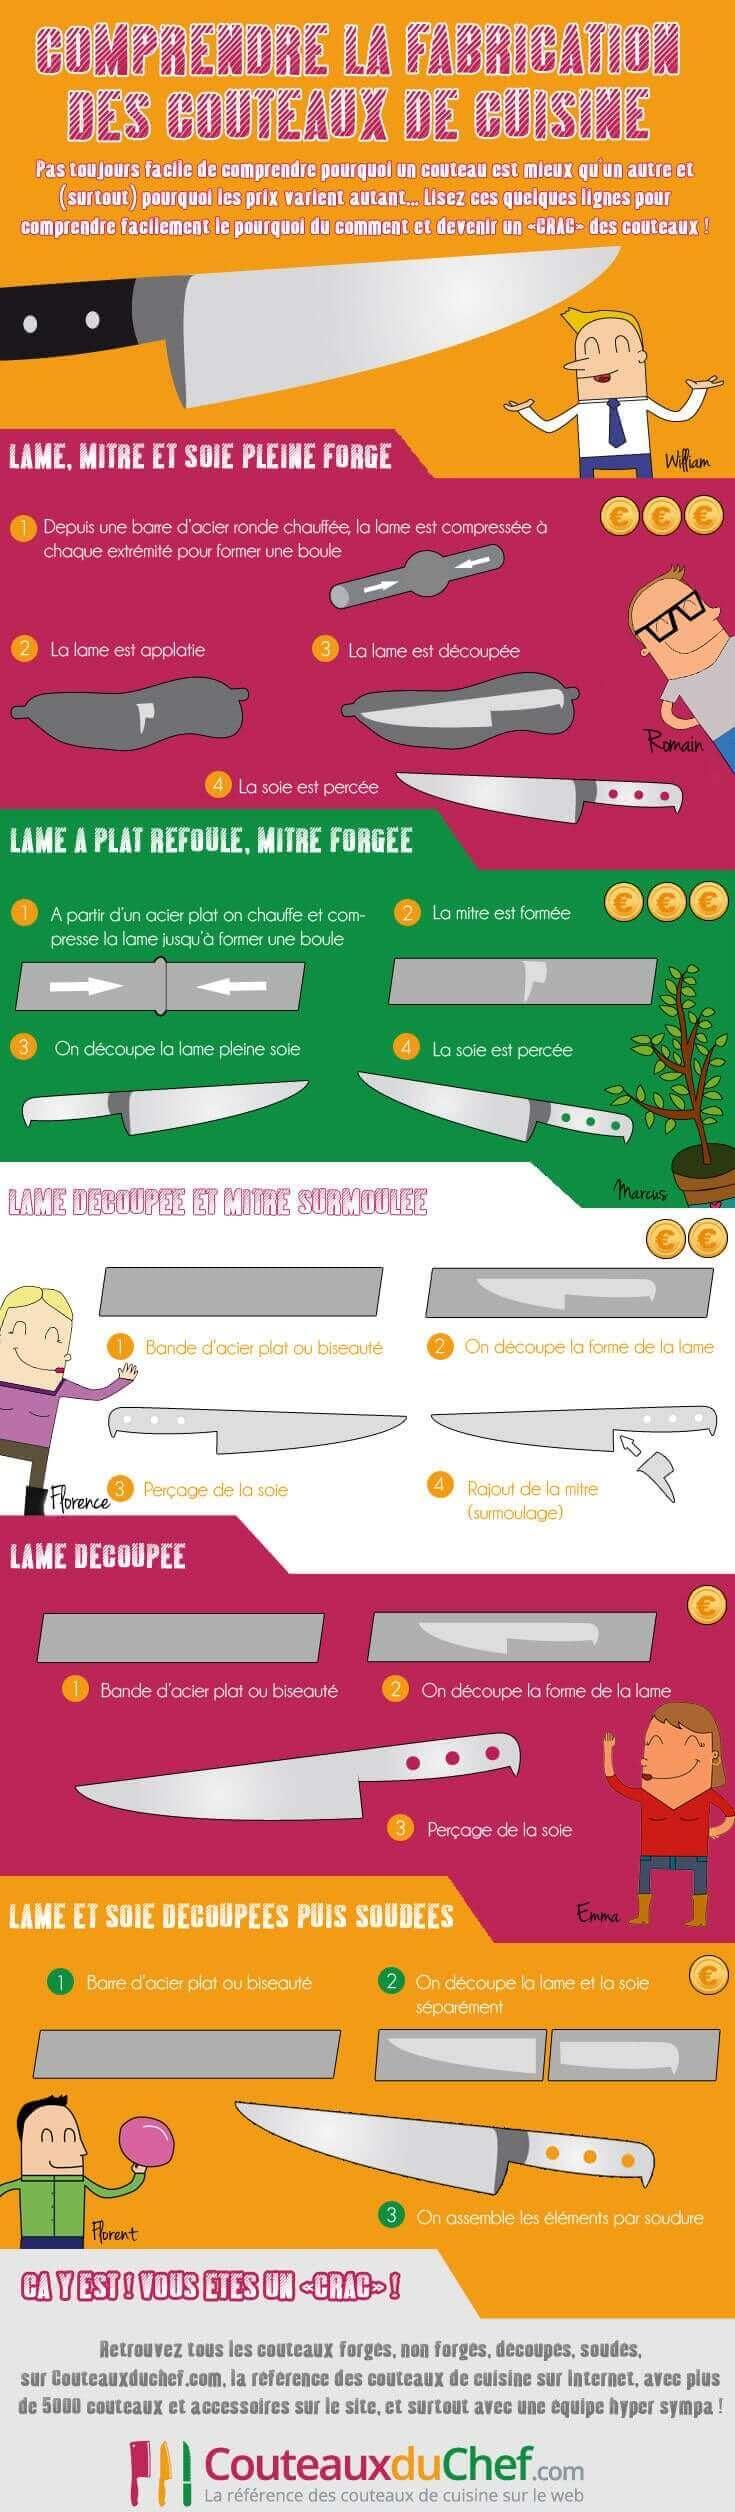 Fabrication d'un couteau de cuisine !